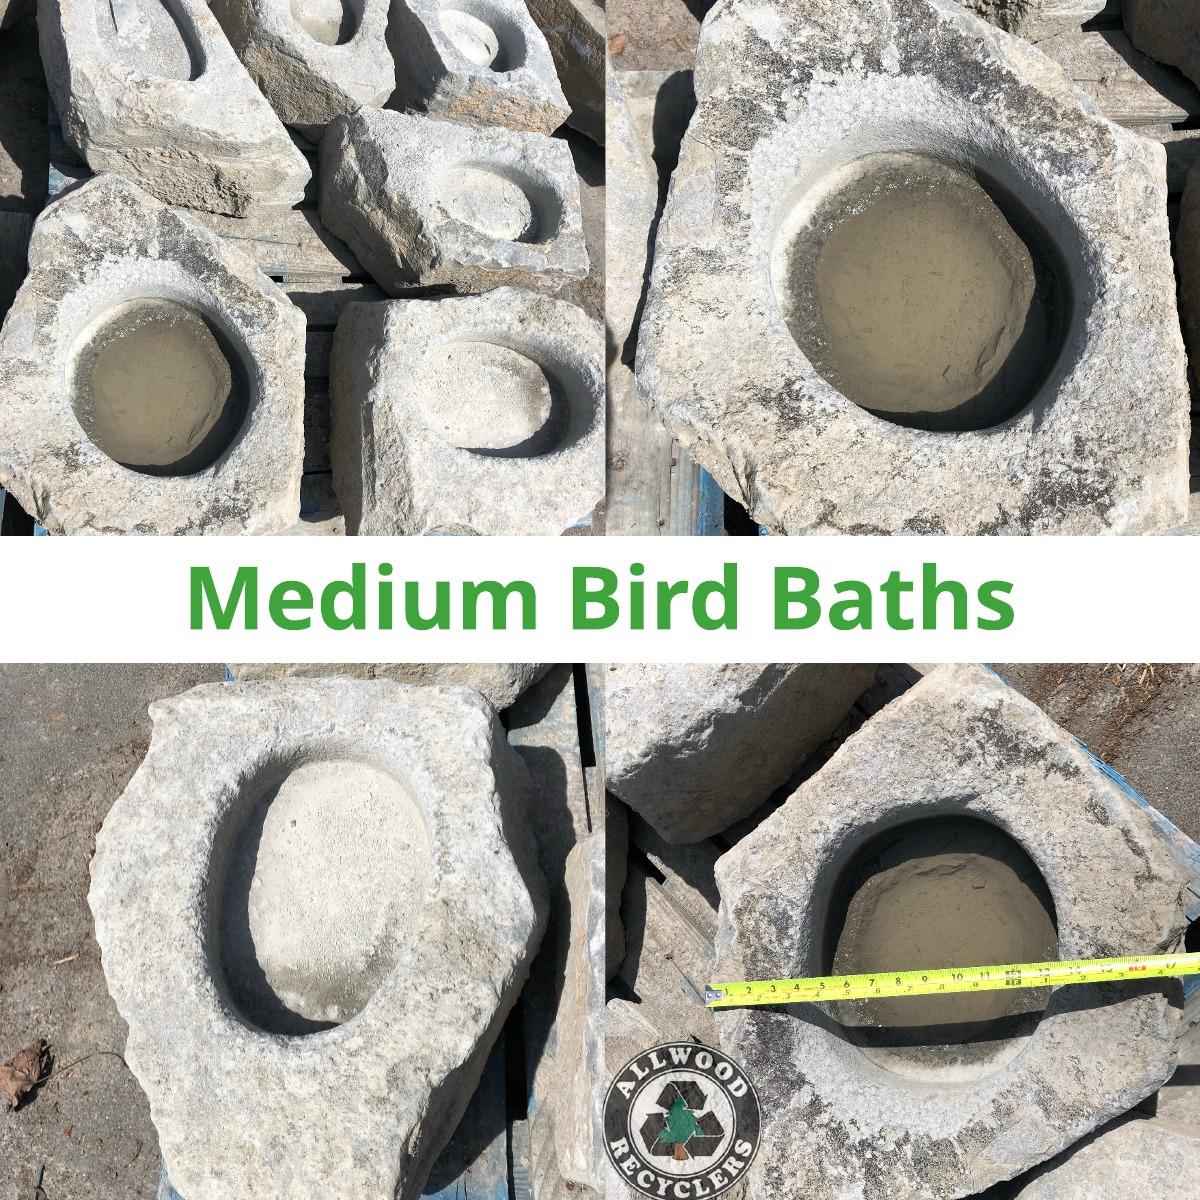 Medium Bird Baths